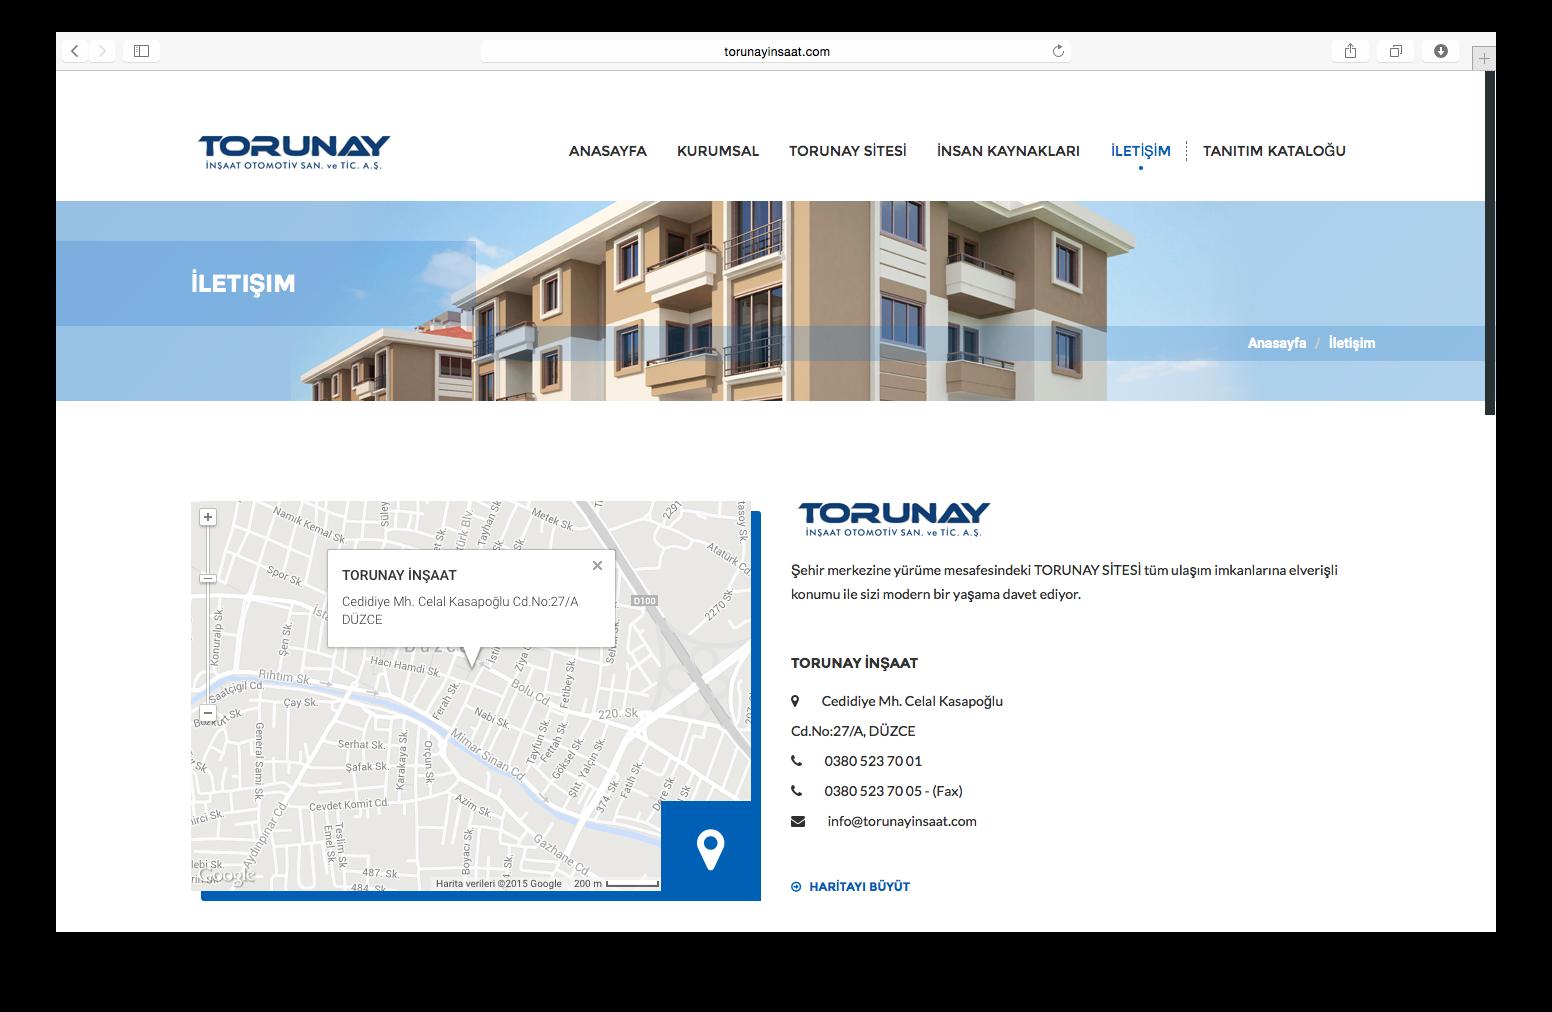 Torunay İnşaat Web Sitesi Yayında